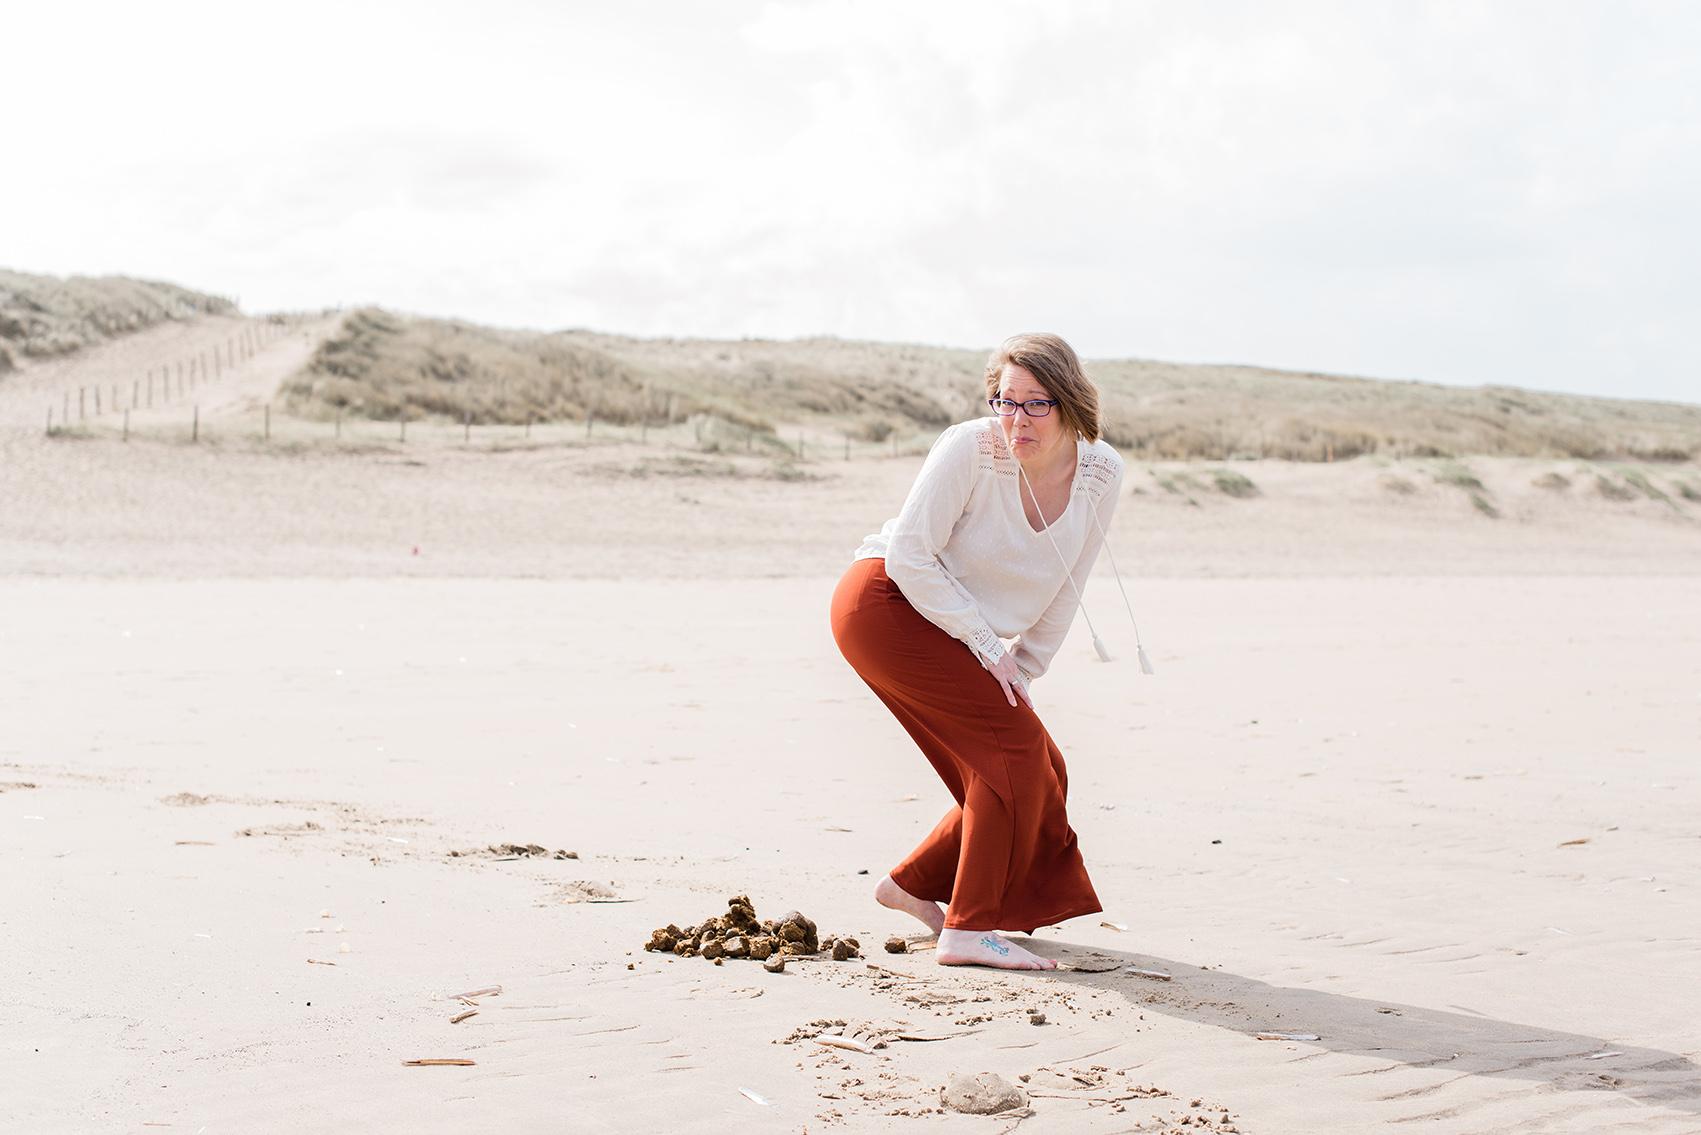 Lia Remmelzwaal Fotografie - Personal Branding - Amsterdam Haarlem - Fotoshoot voor ondernemers Katwijk